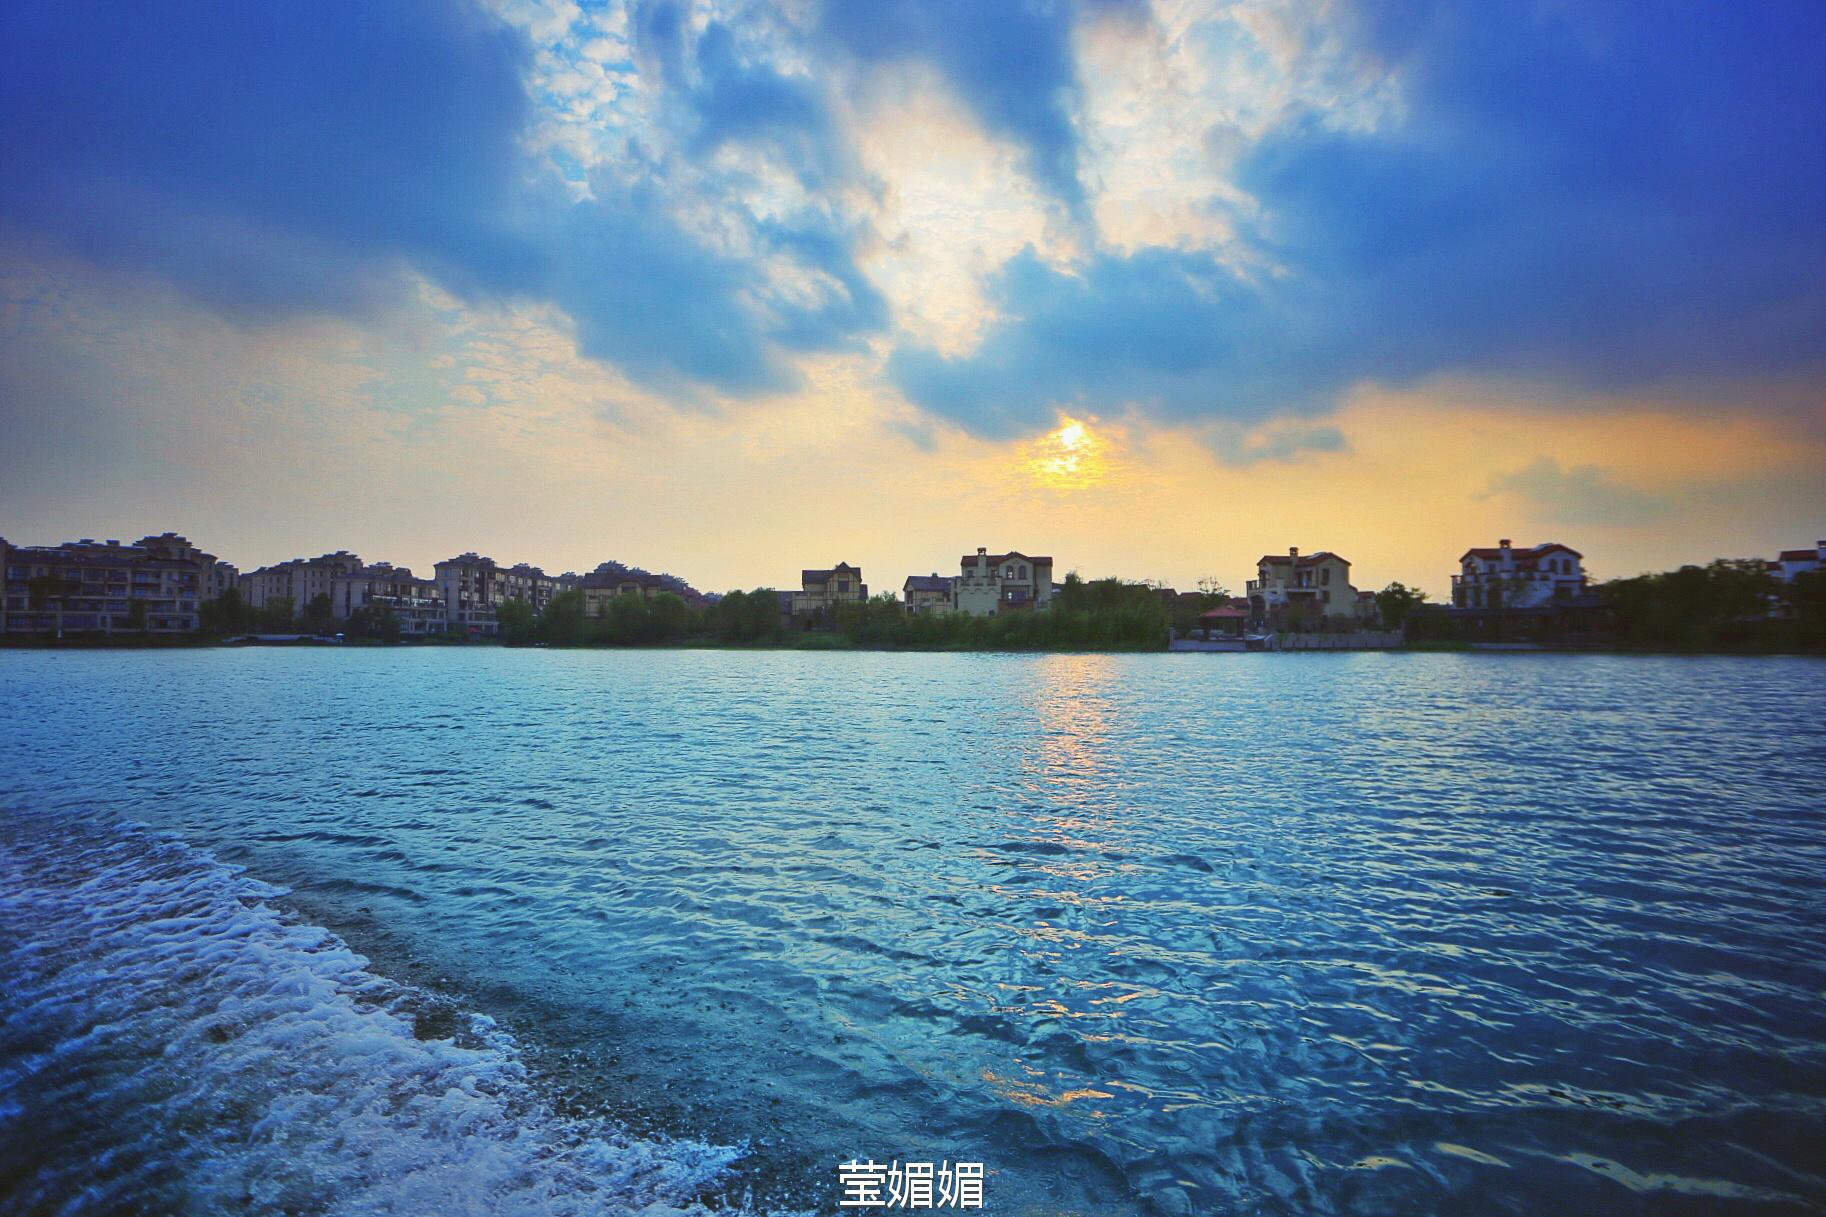 夕阳下的淀山湖 我梦里的故乡